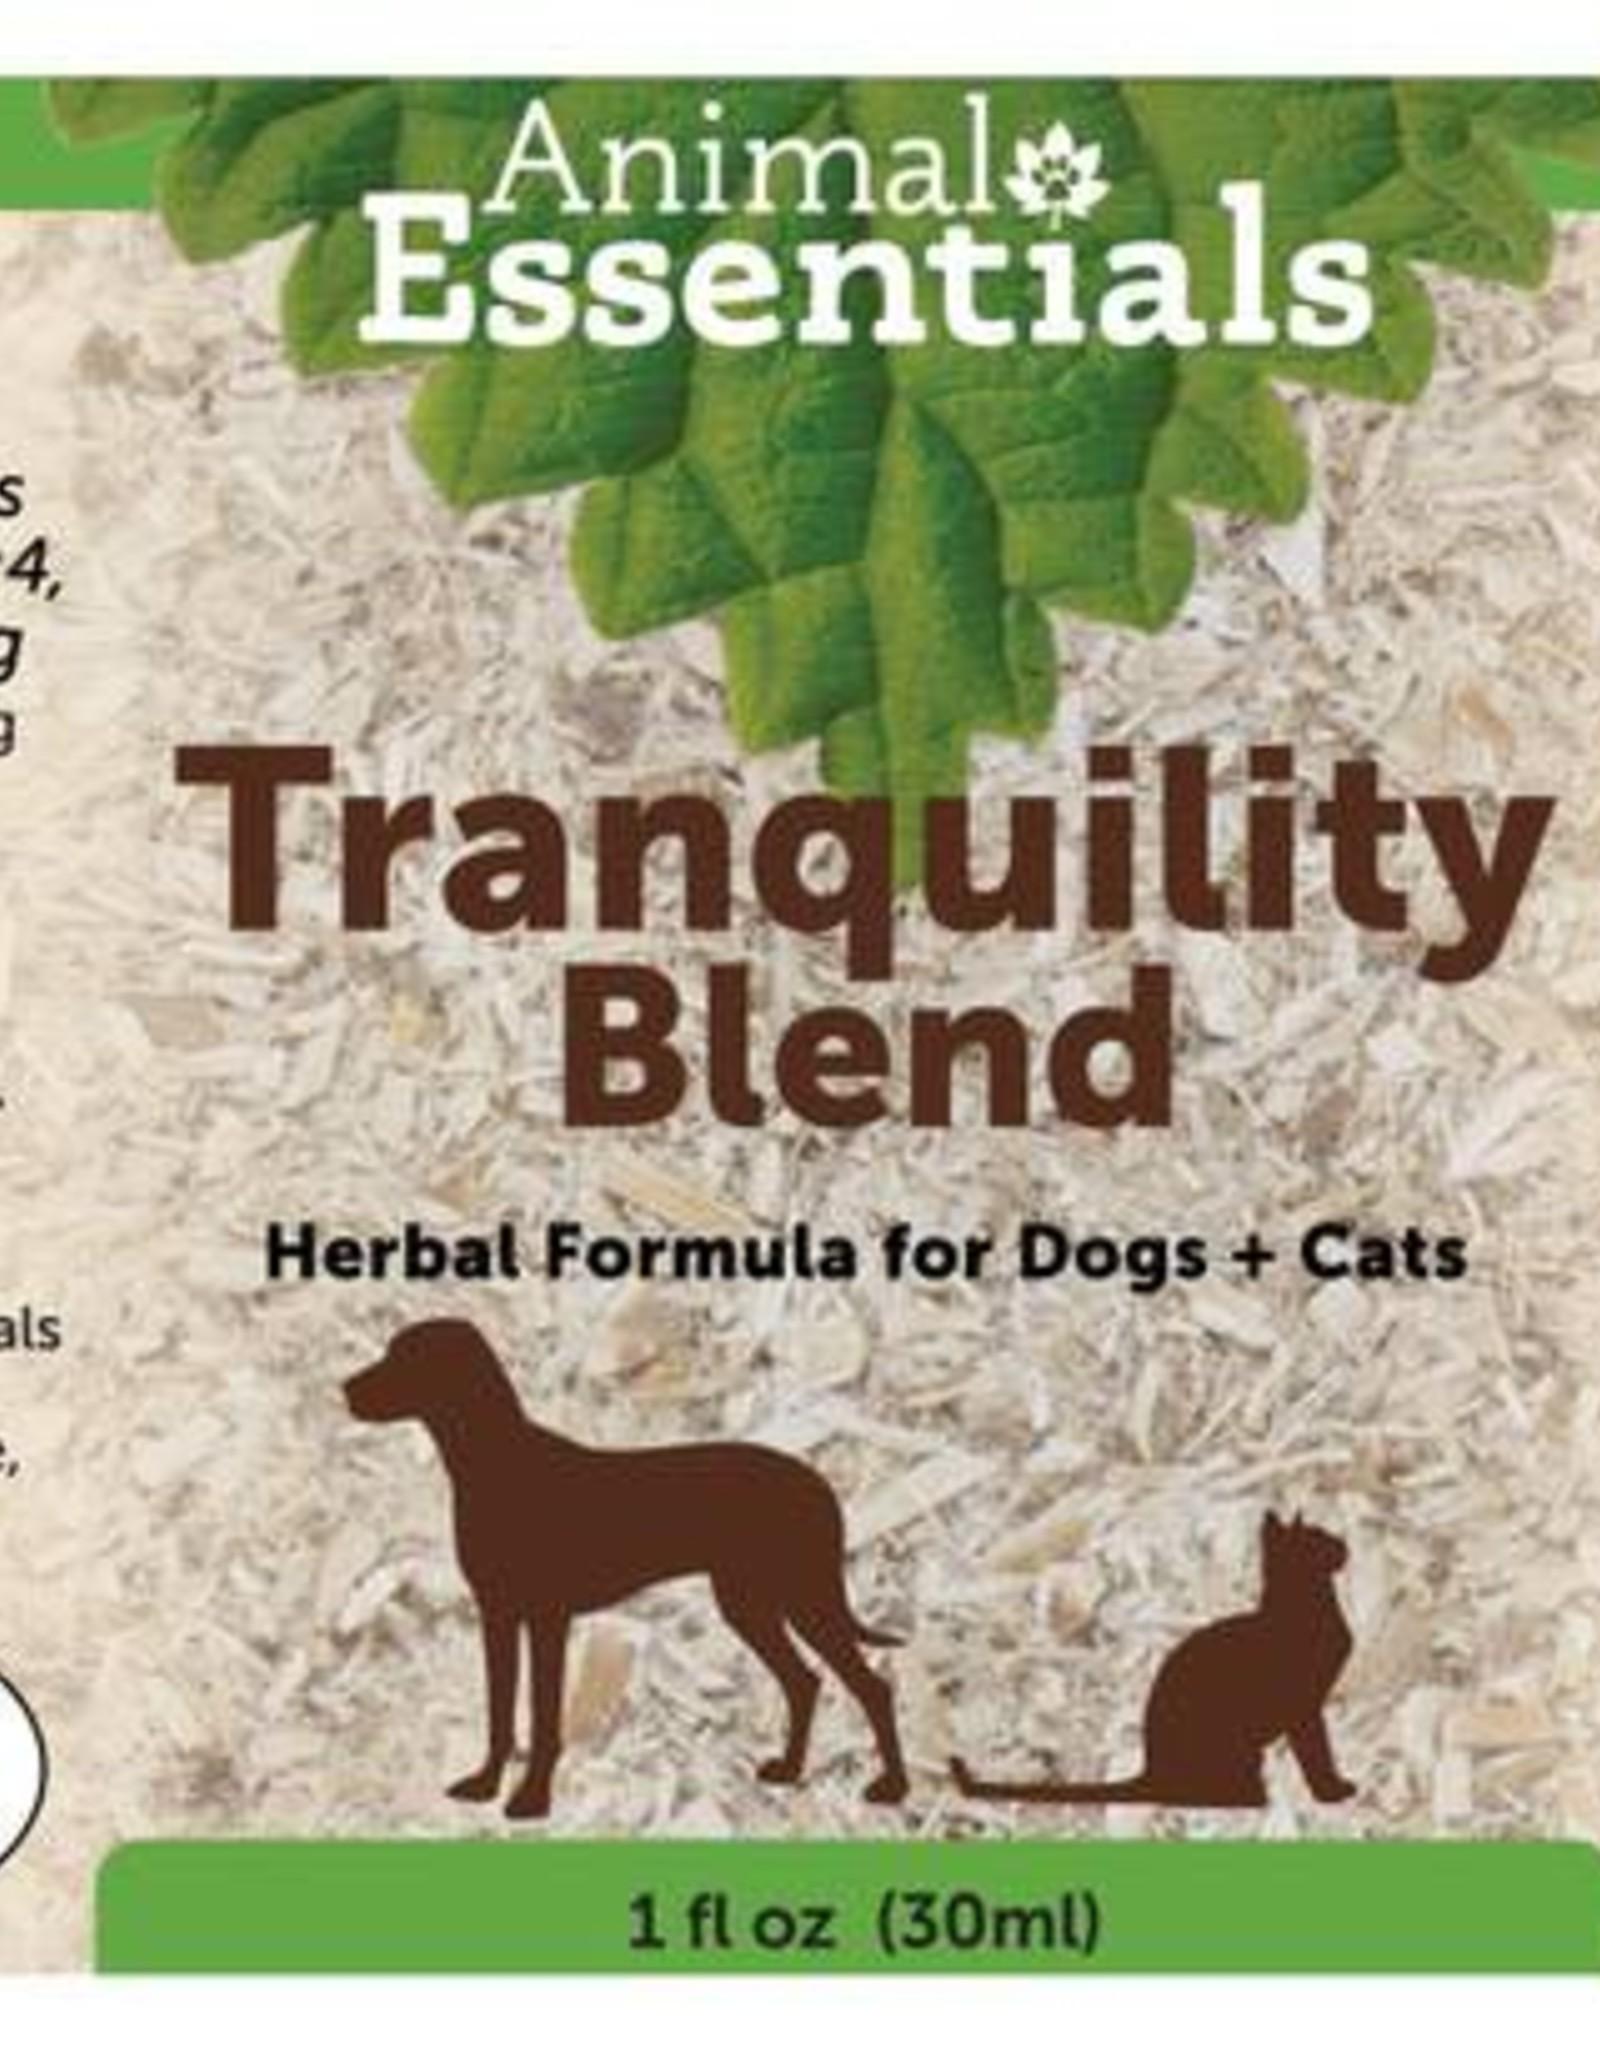 Animal Essentials Animal Essentials Tranquility Blend 1oz